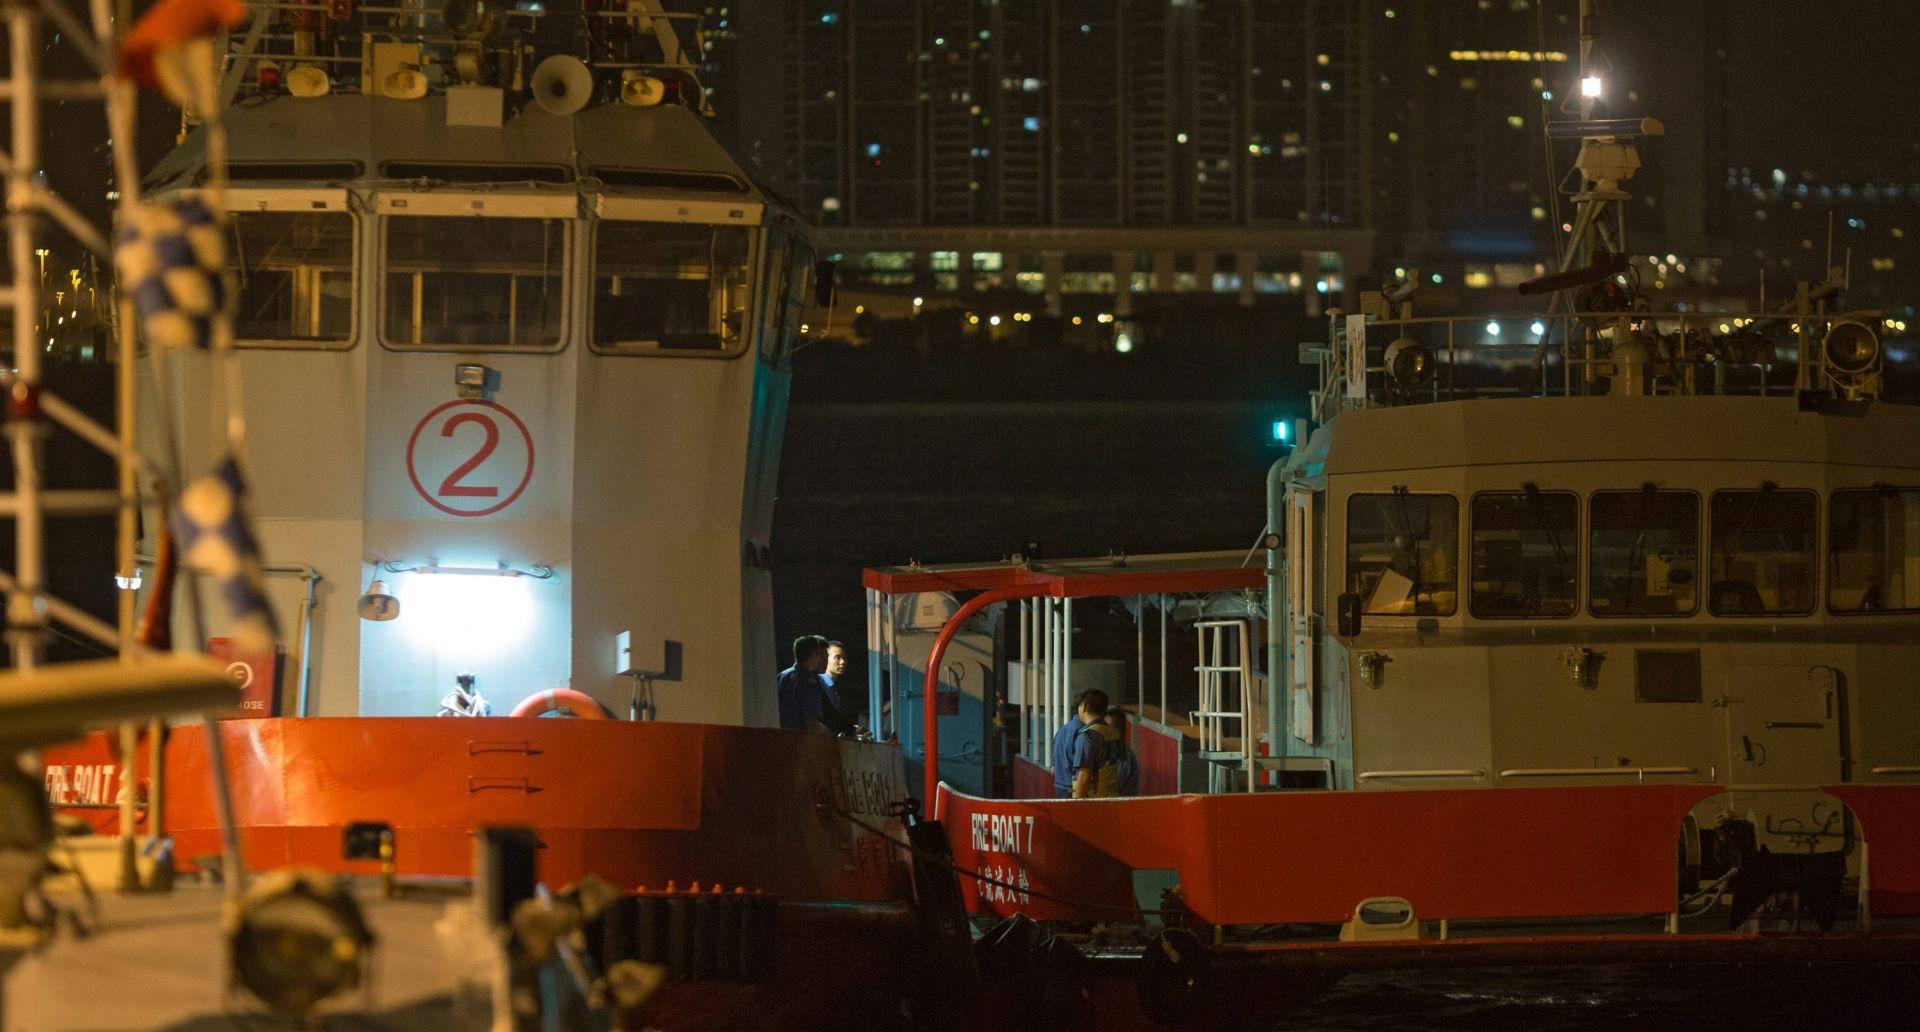 NESREĆA U HONG KONGU Trajekt udario u nepoznat objekt u moru, najmanje 127 ozlijeđenih